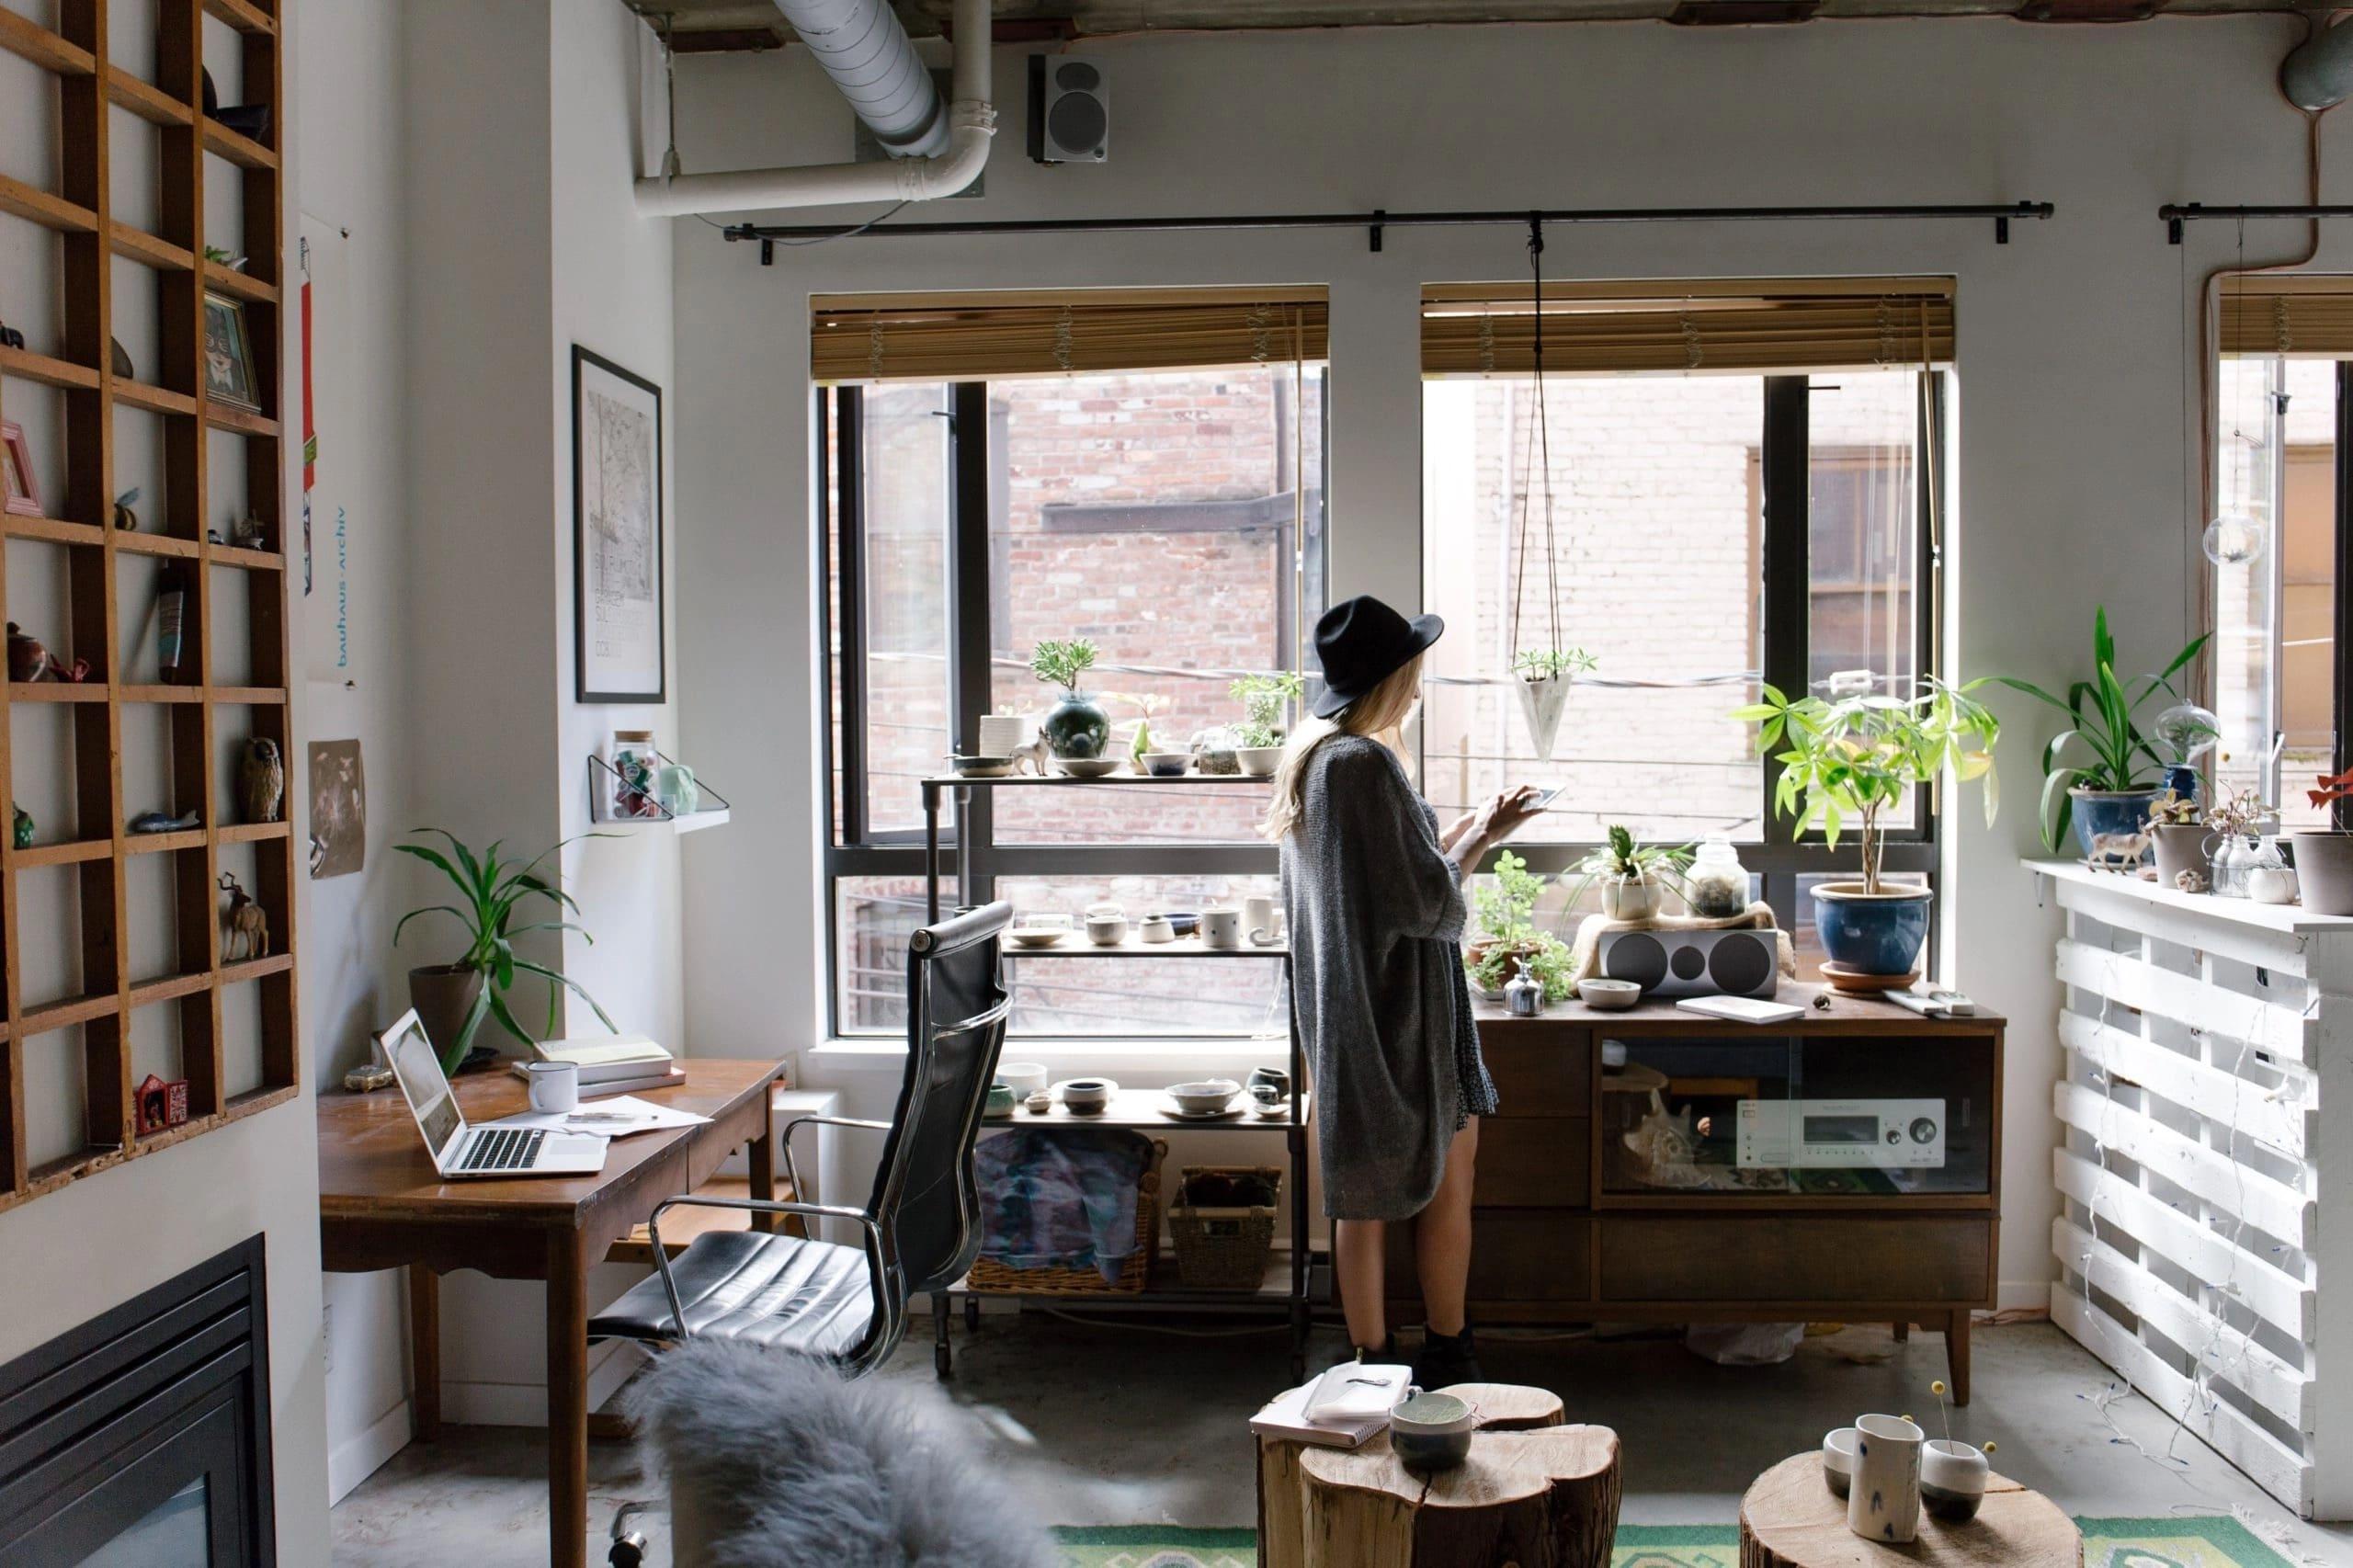 Los inquilinos destinan el 37% de sus ingresos al alquiler